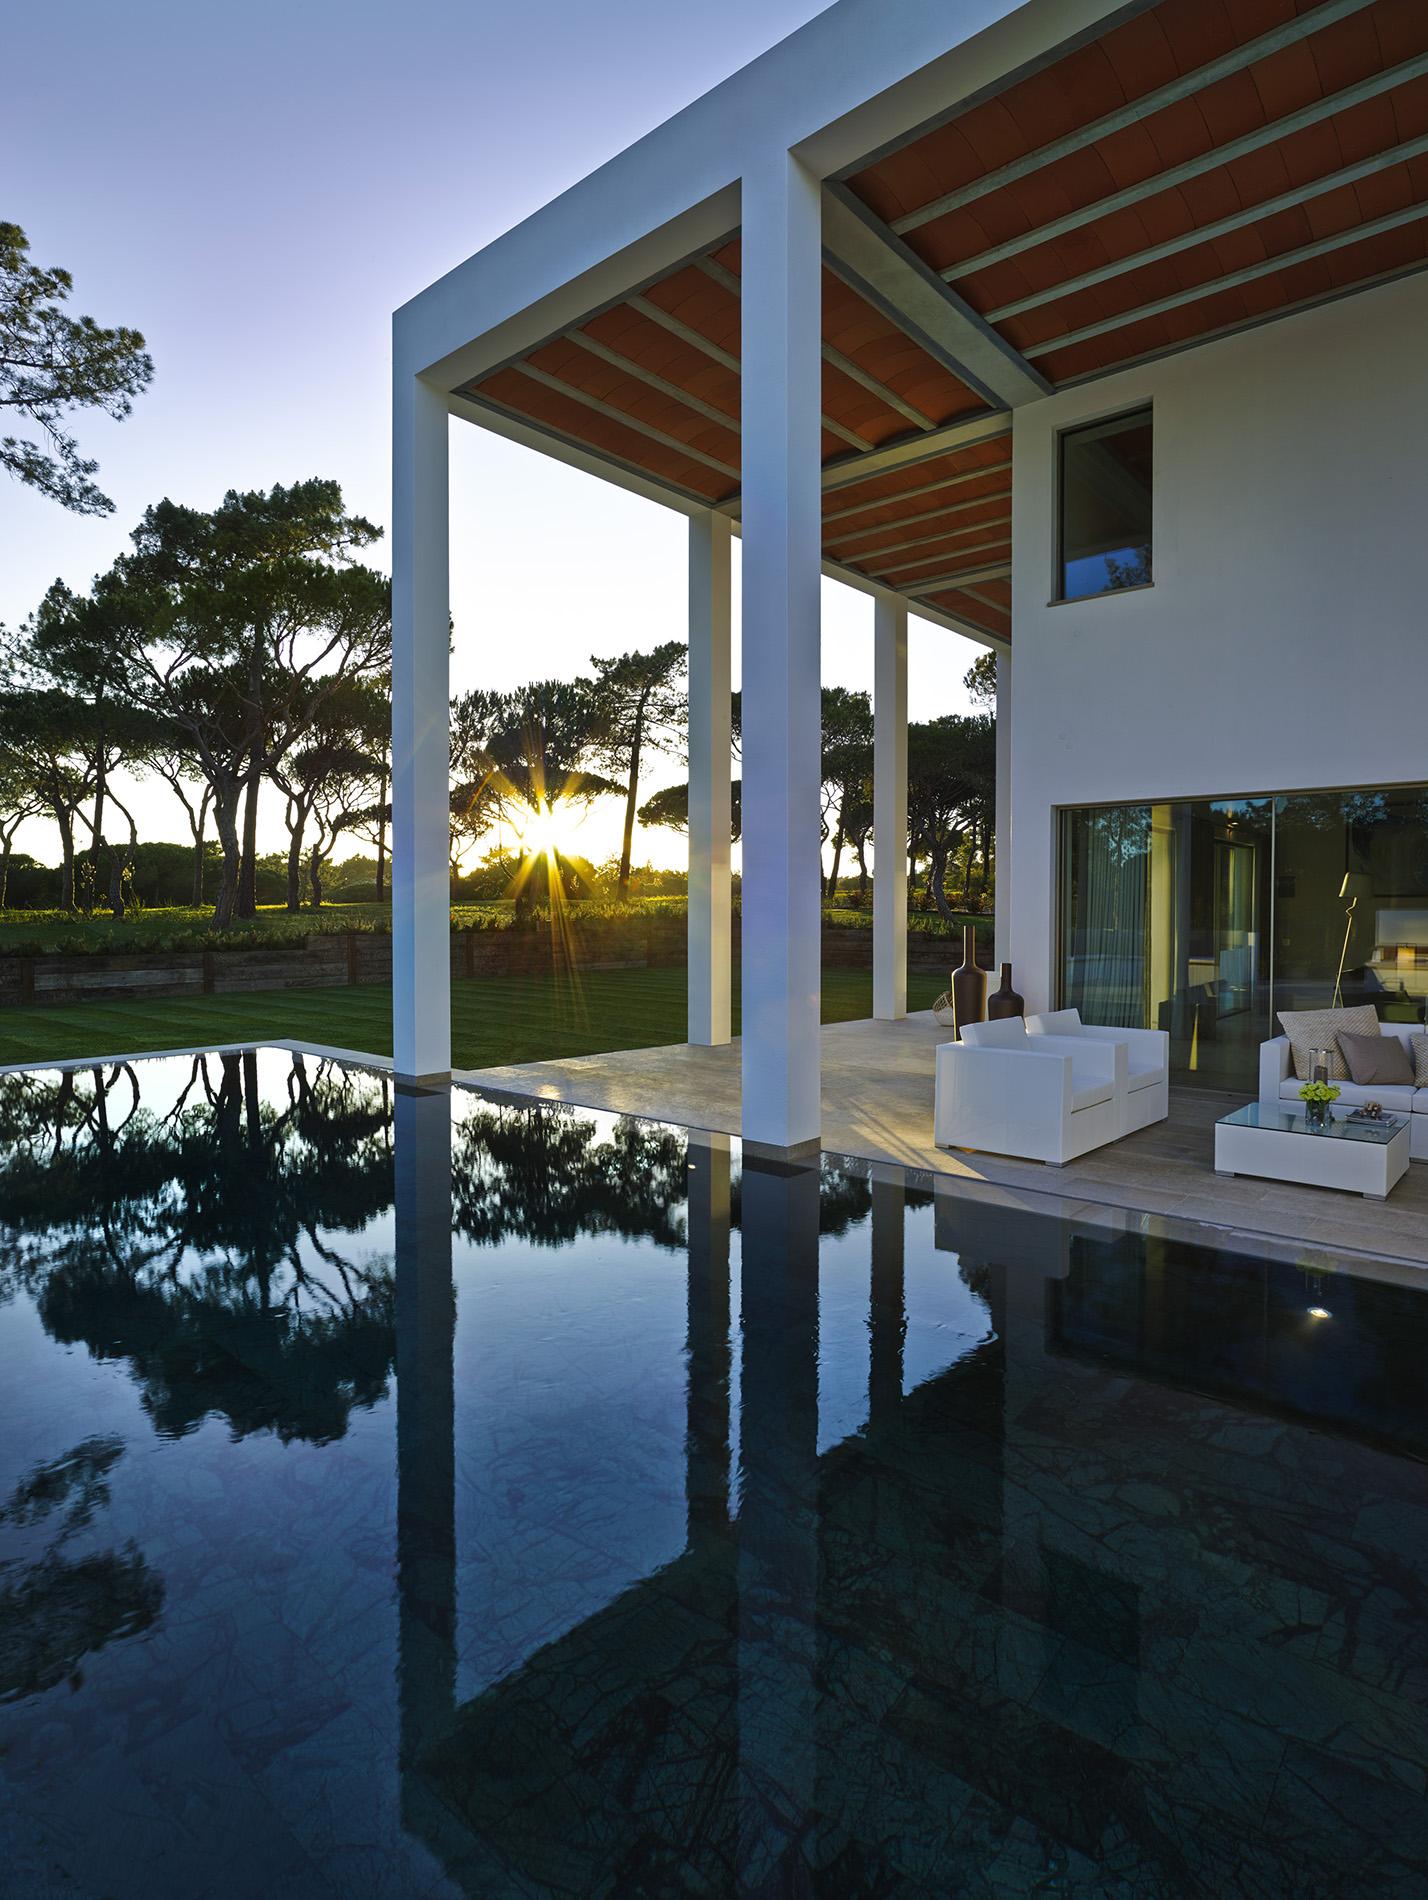 6 Sn Lorenzo Norte, Ibiza - Pool View